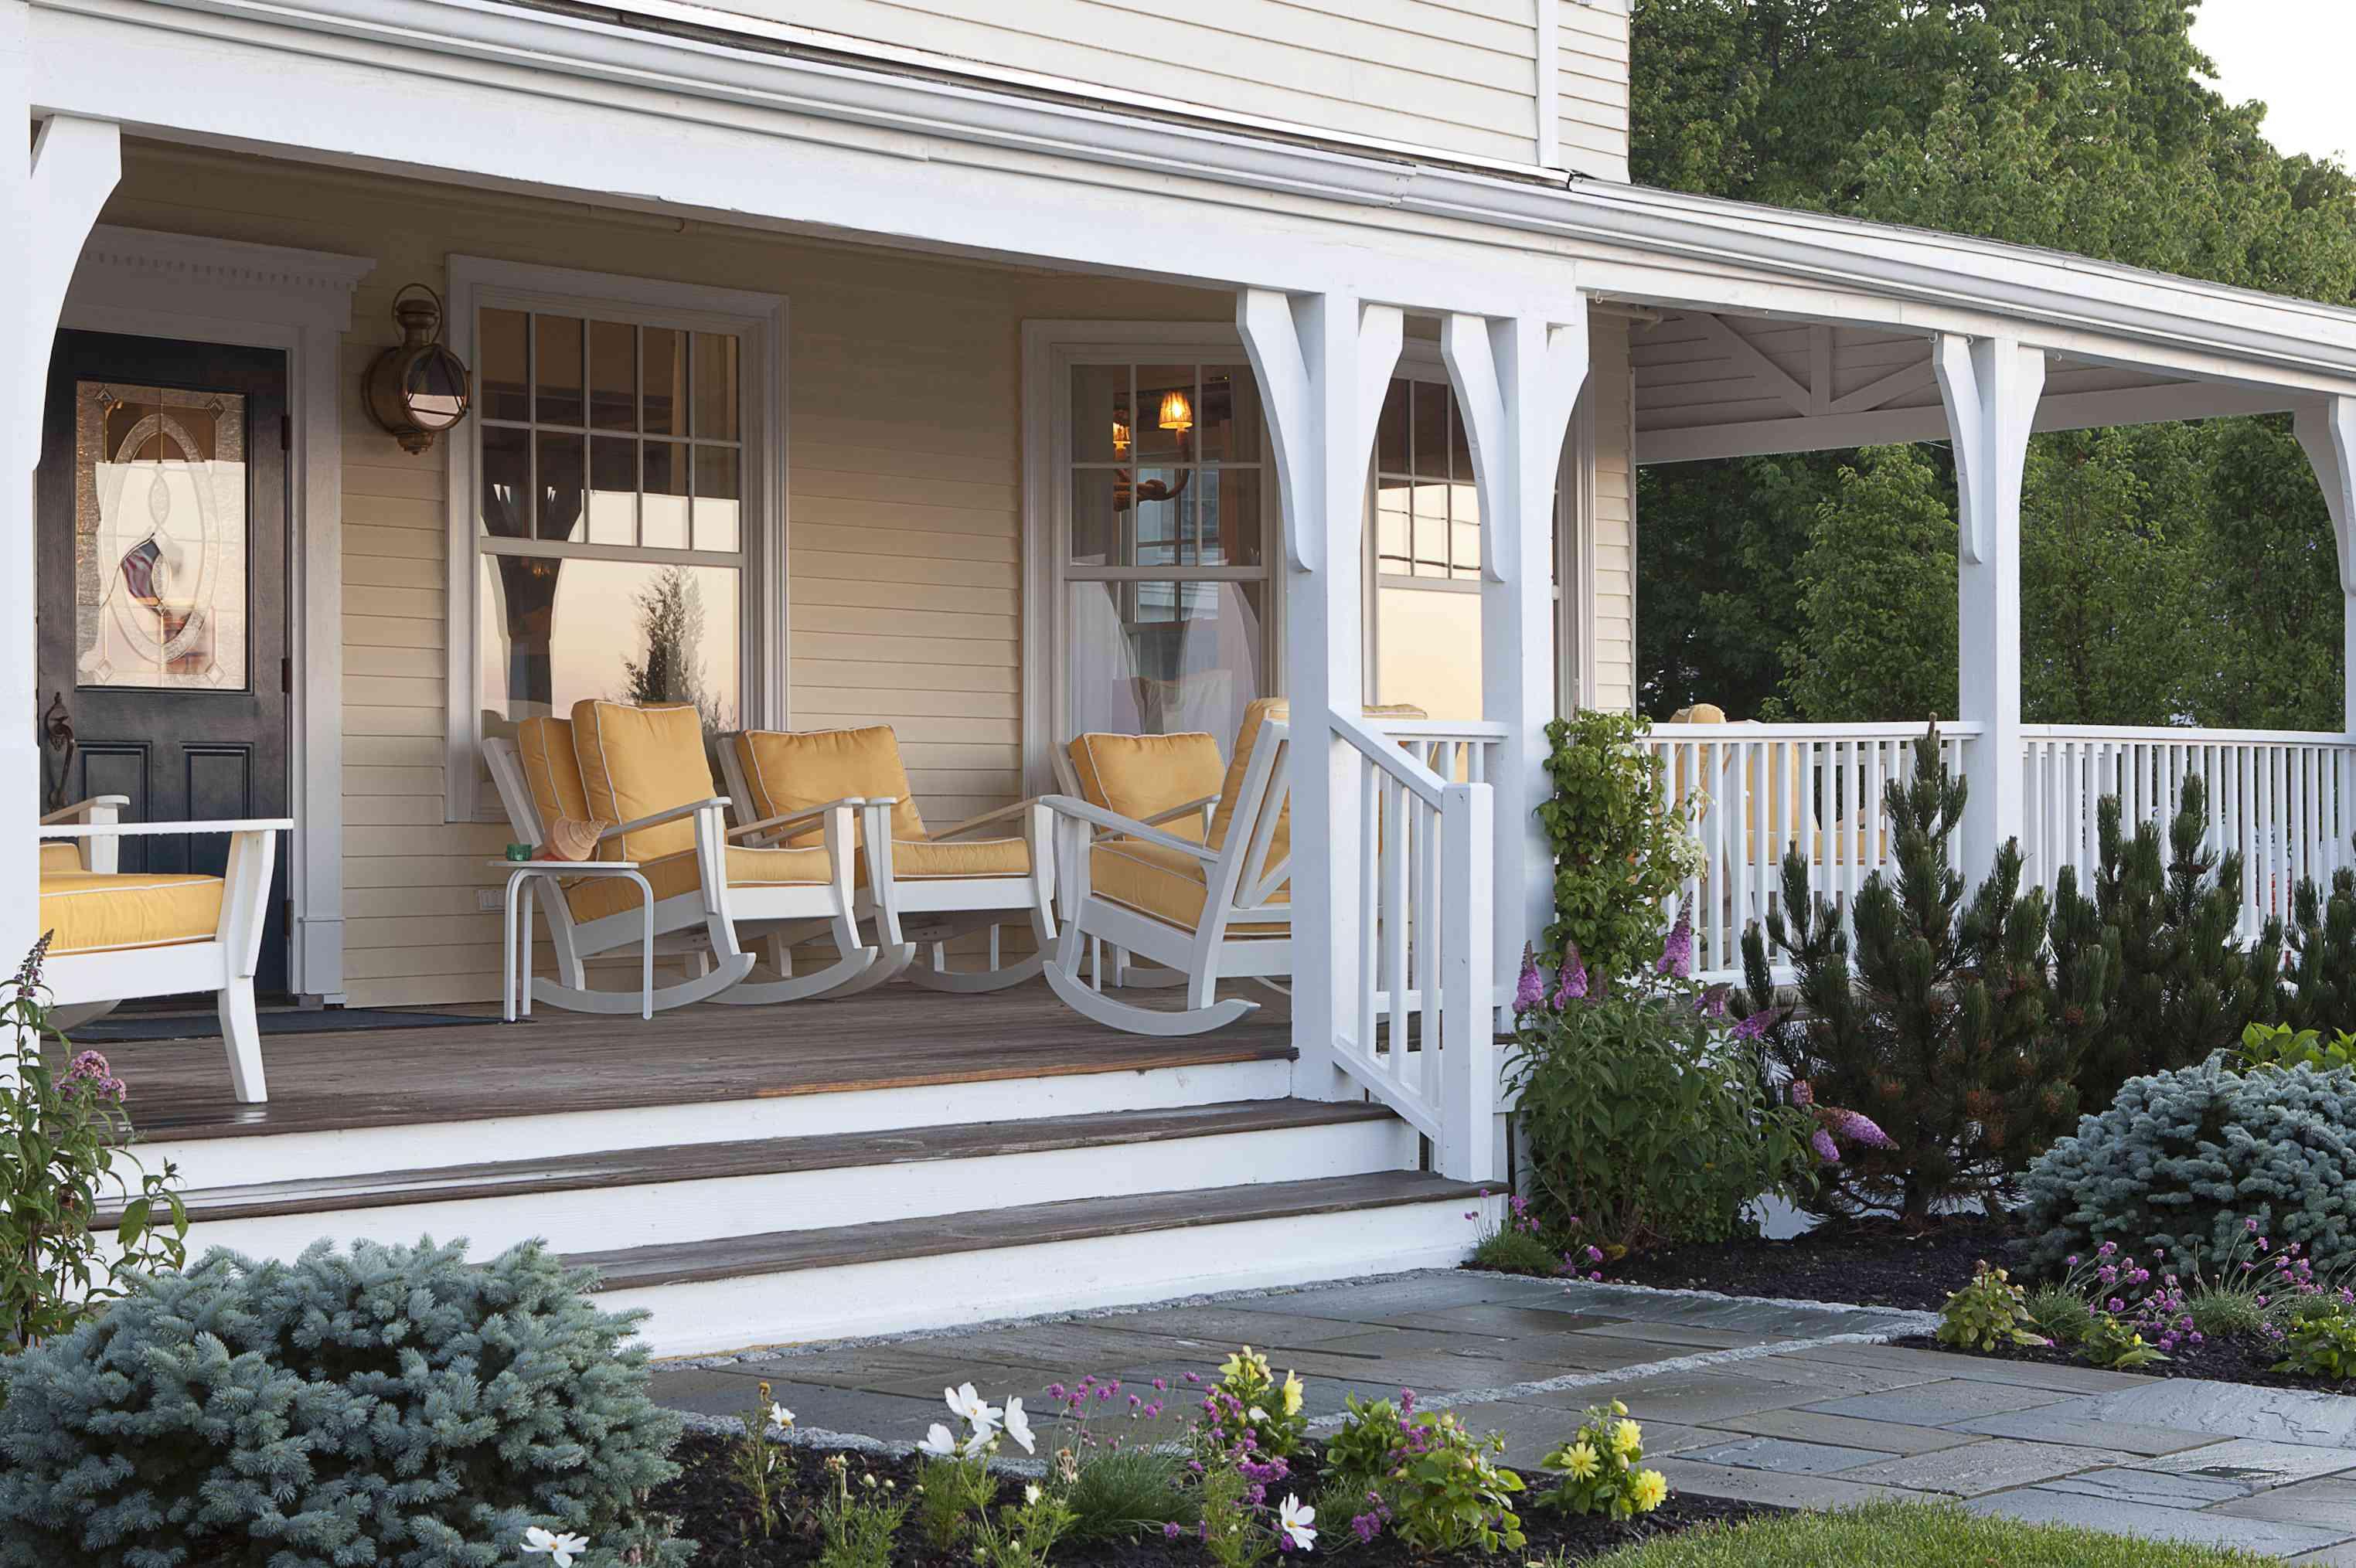 veranda with yellow chairs